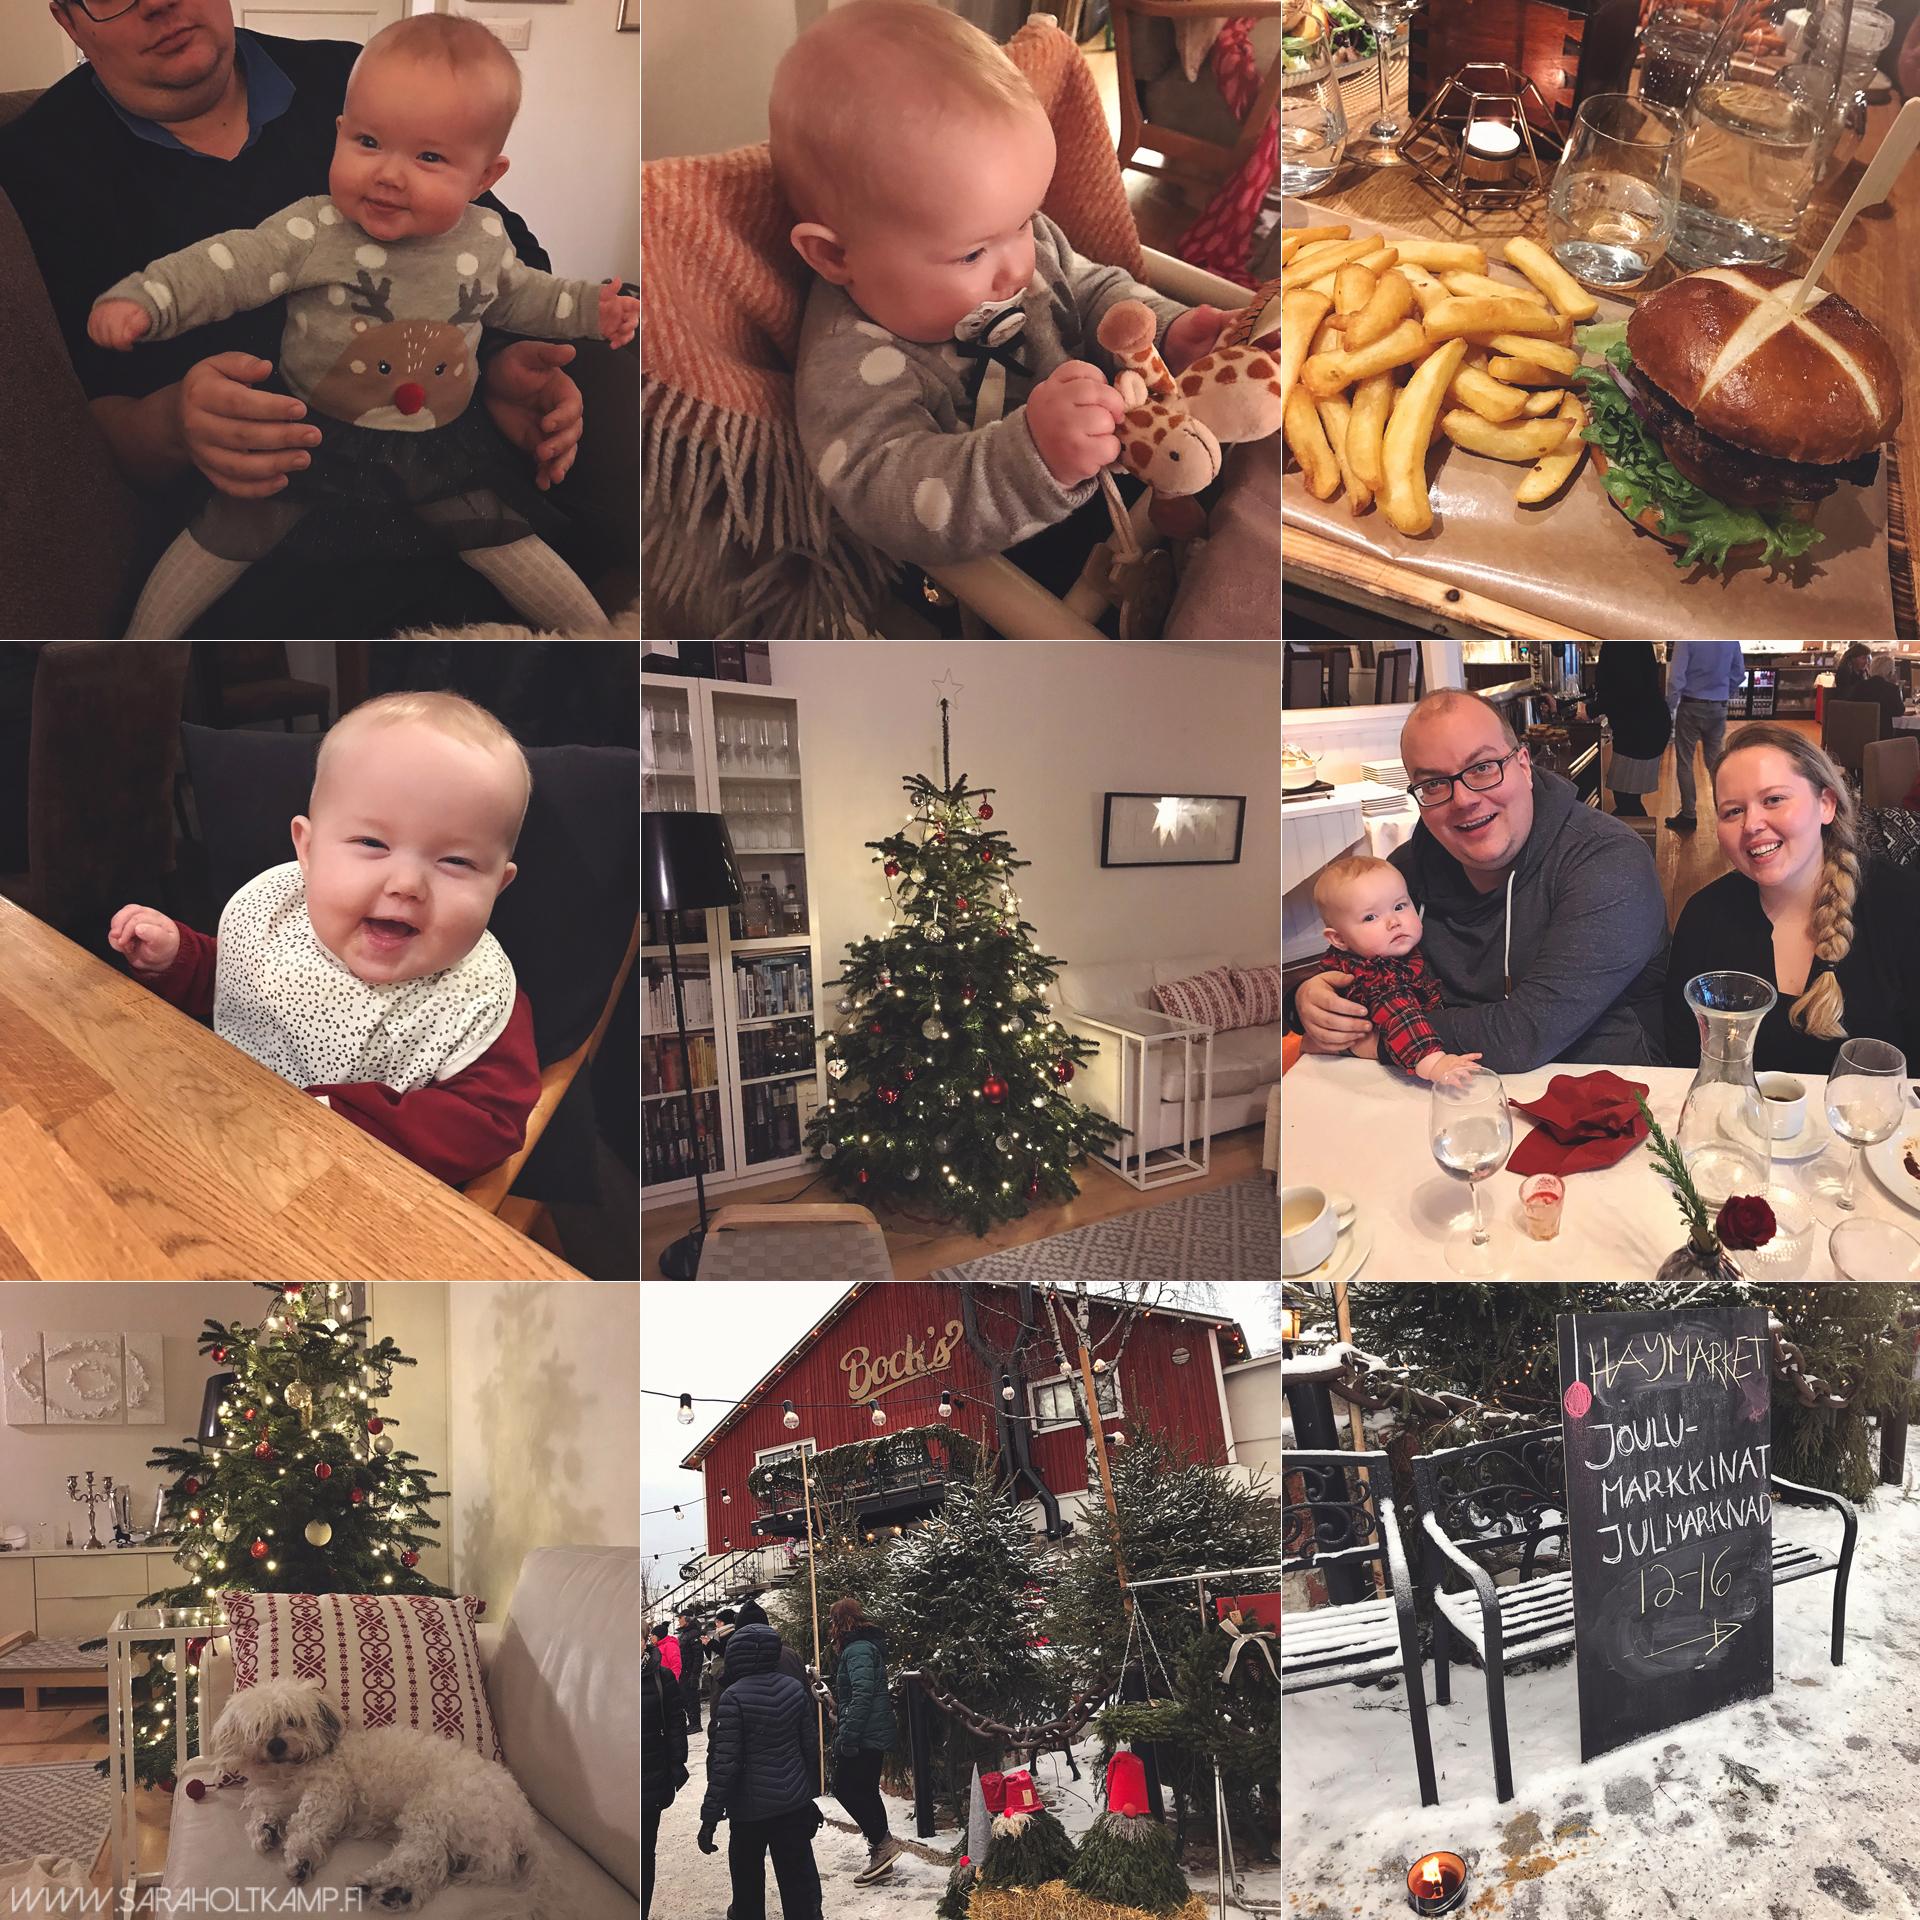 b2e89d585e90 Det var väldigt roligt och mysigt med Lias först jul och julen  överhuvudtaget. Men nu tycker jag också att det är skönt att den är över.